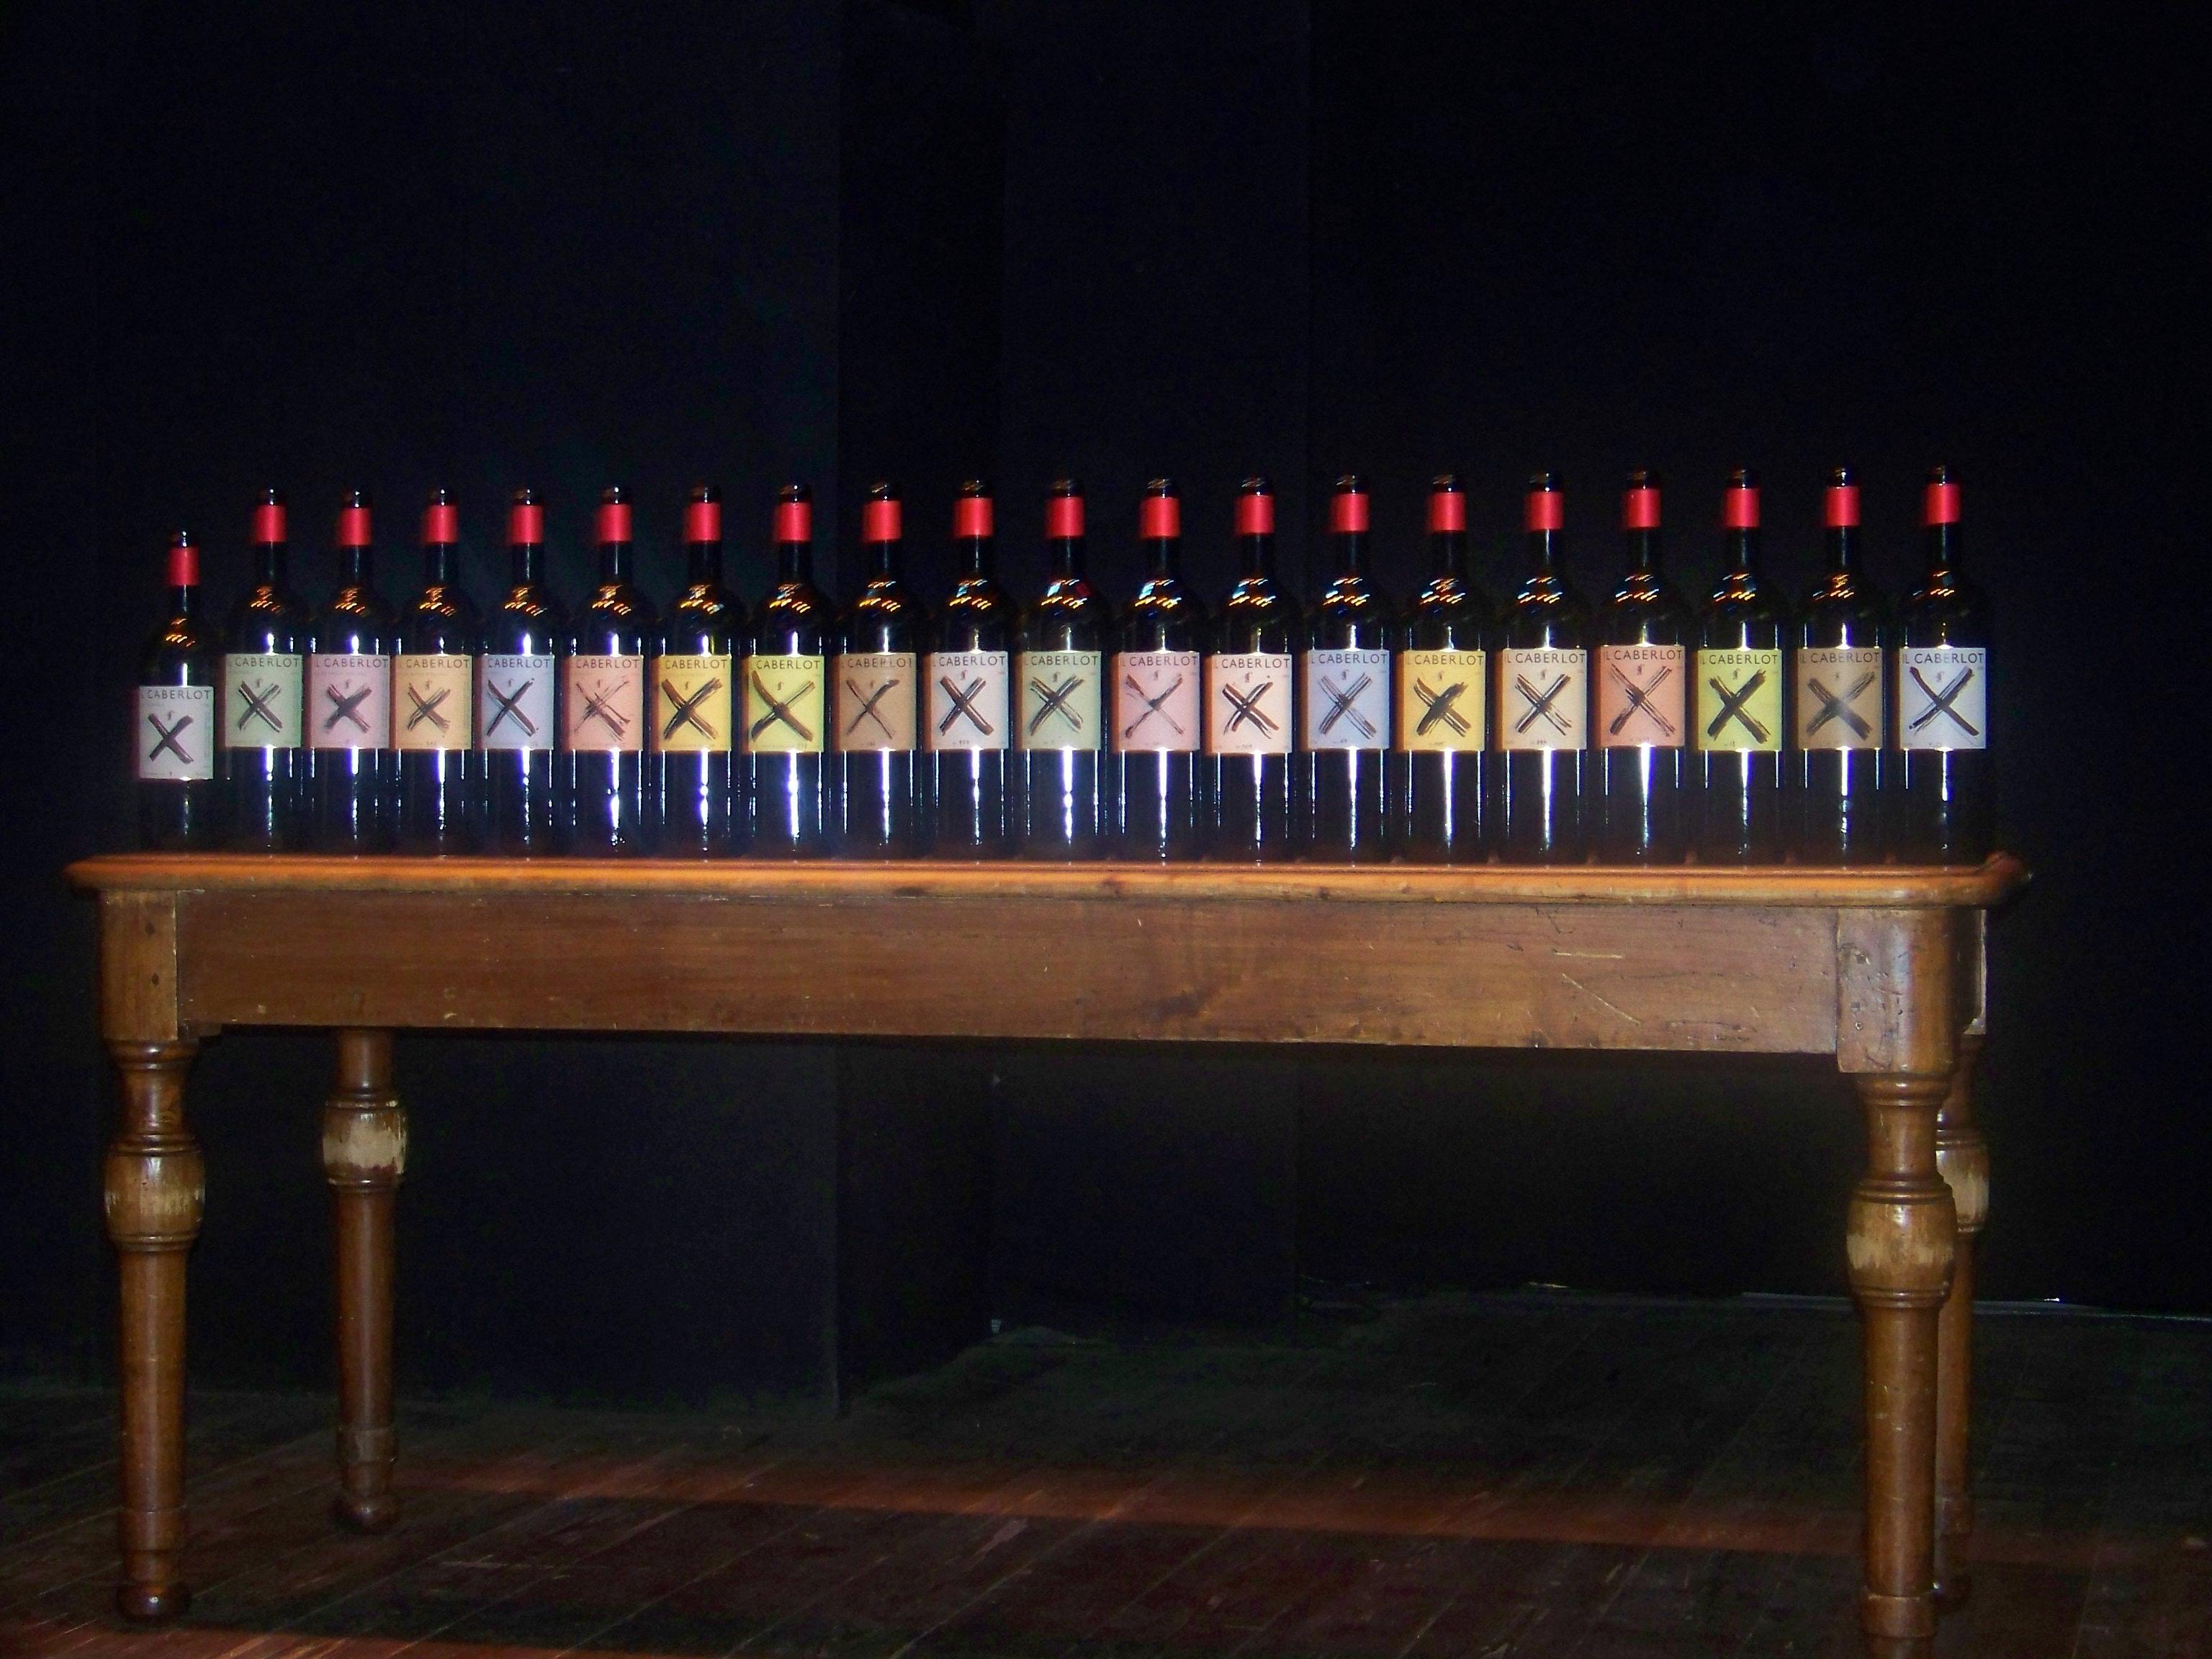 Caberlot_sfilata bottiglie